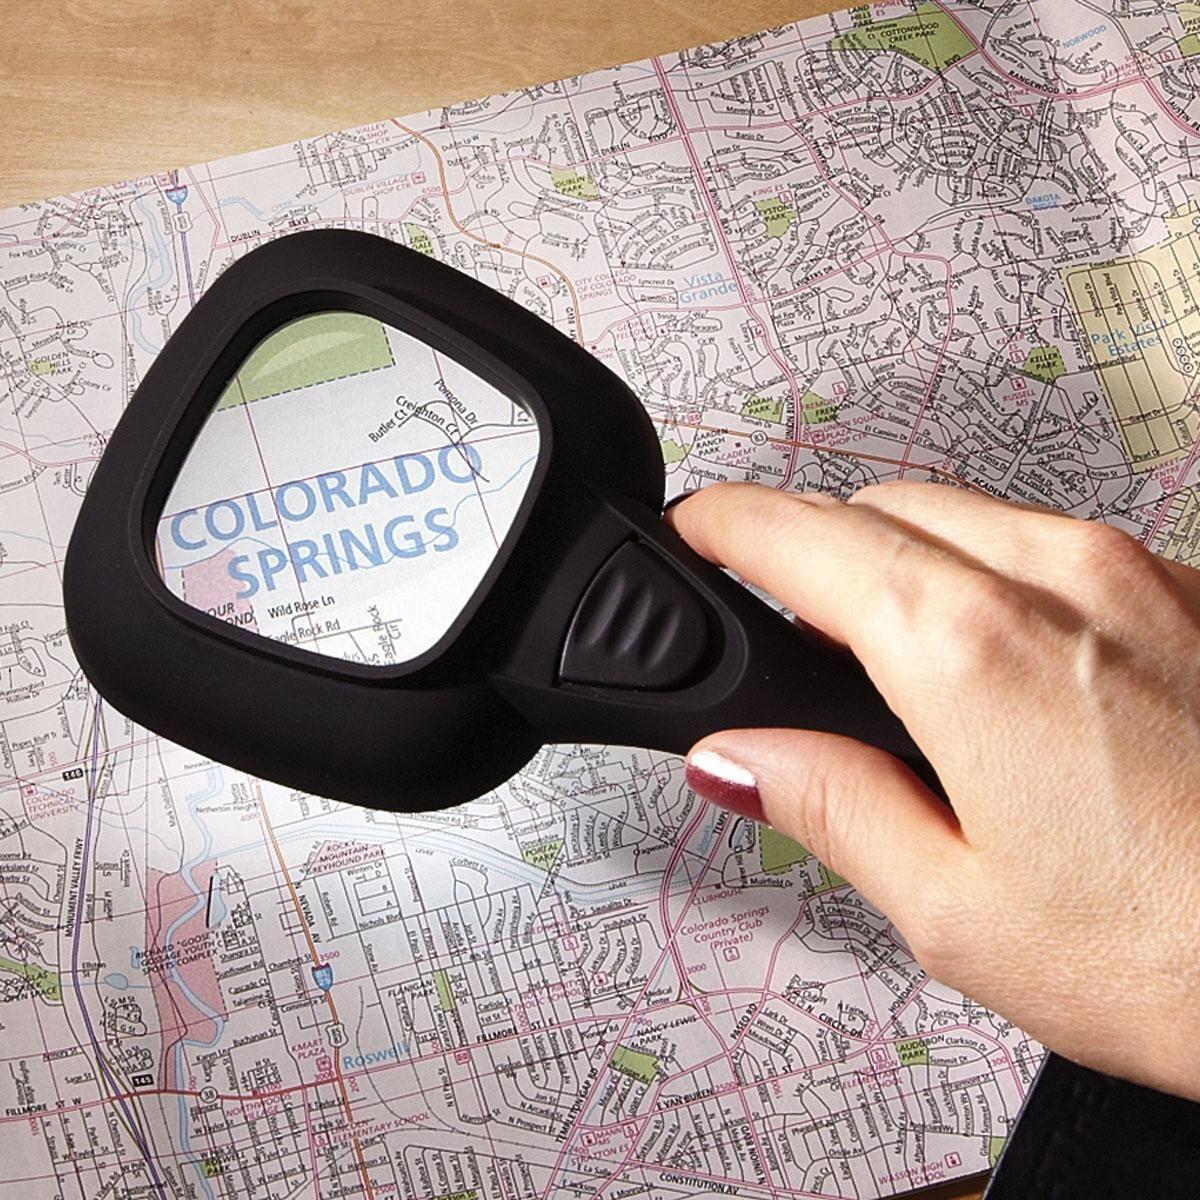 LED Handheld Magnifier